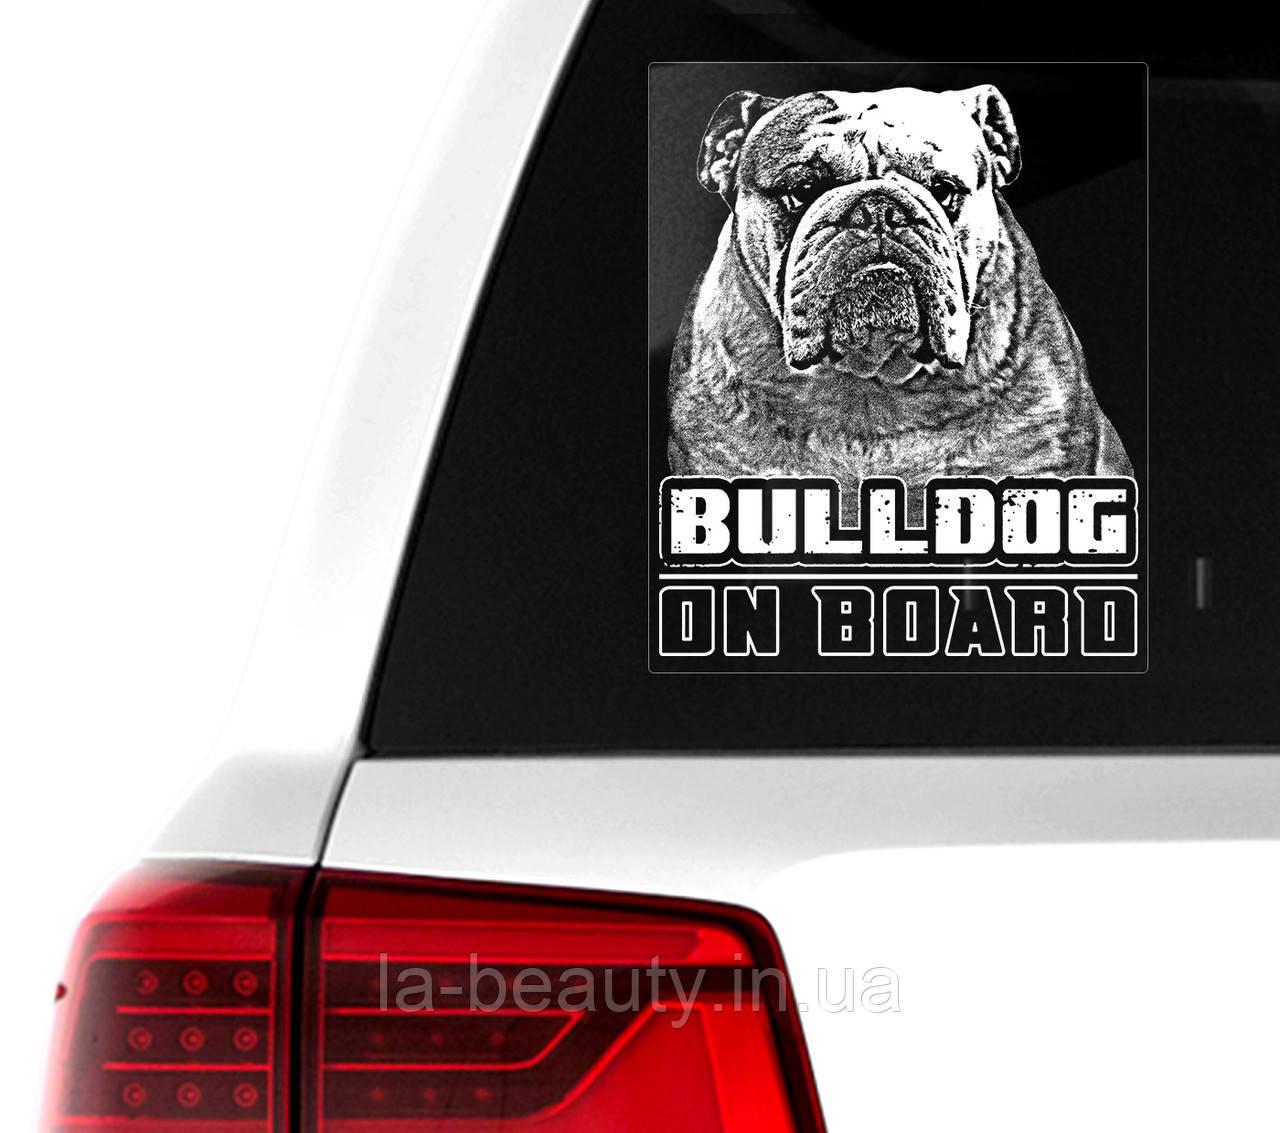 Наклейка на машину/авто Английский бульдог на борту (Bulldog on Board)